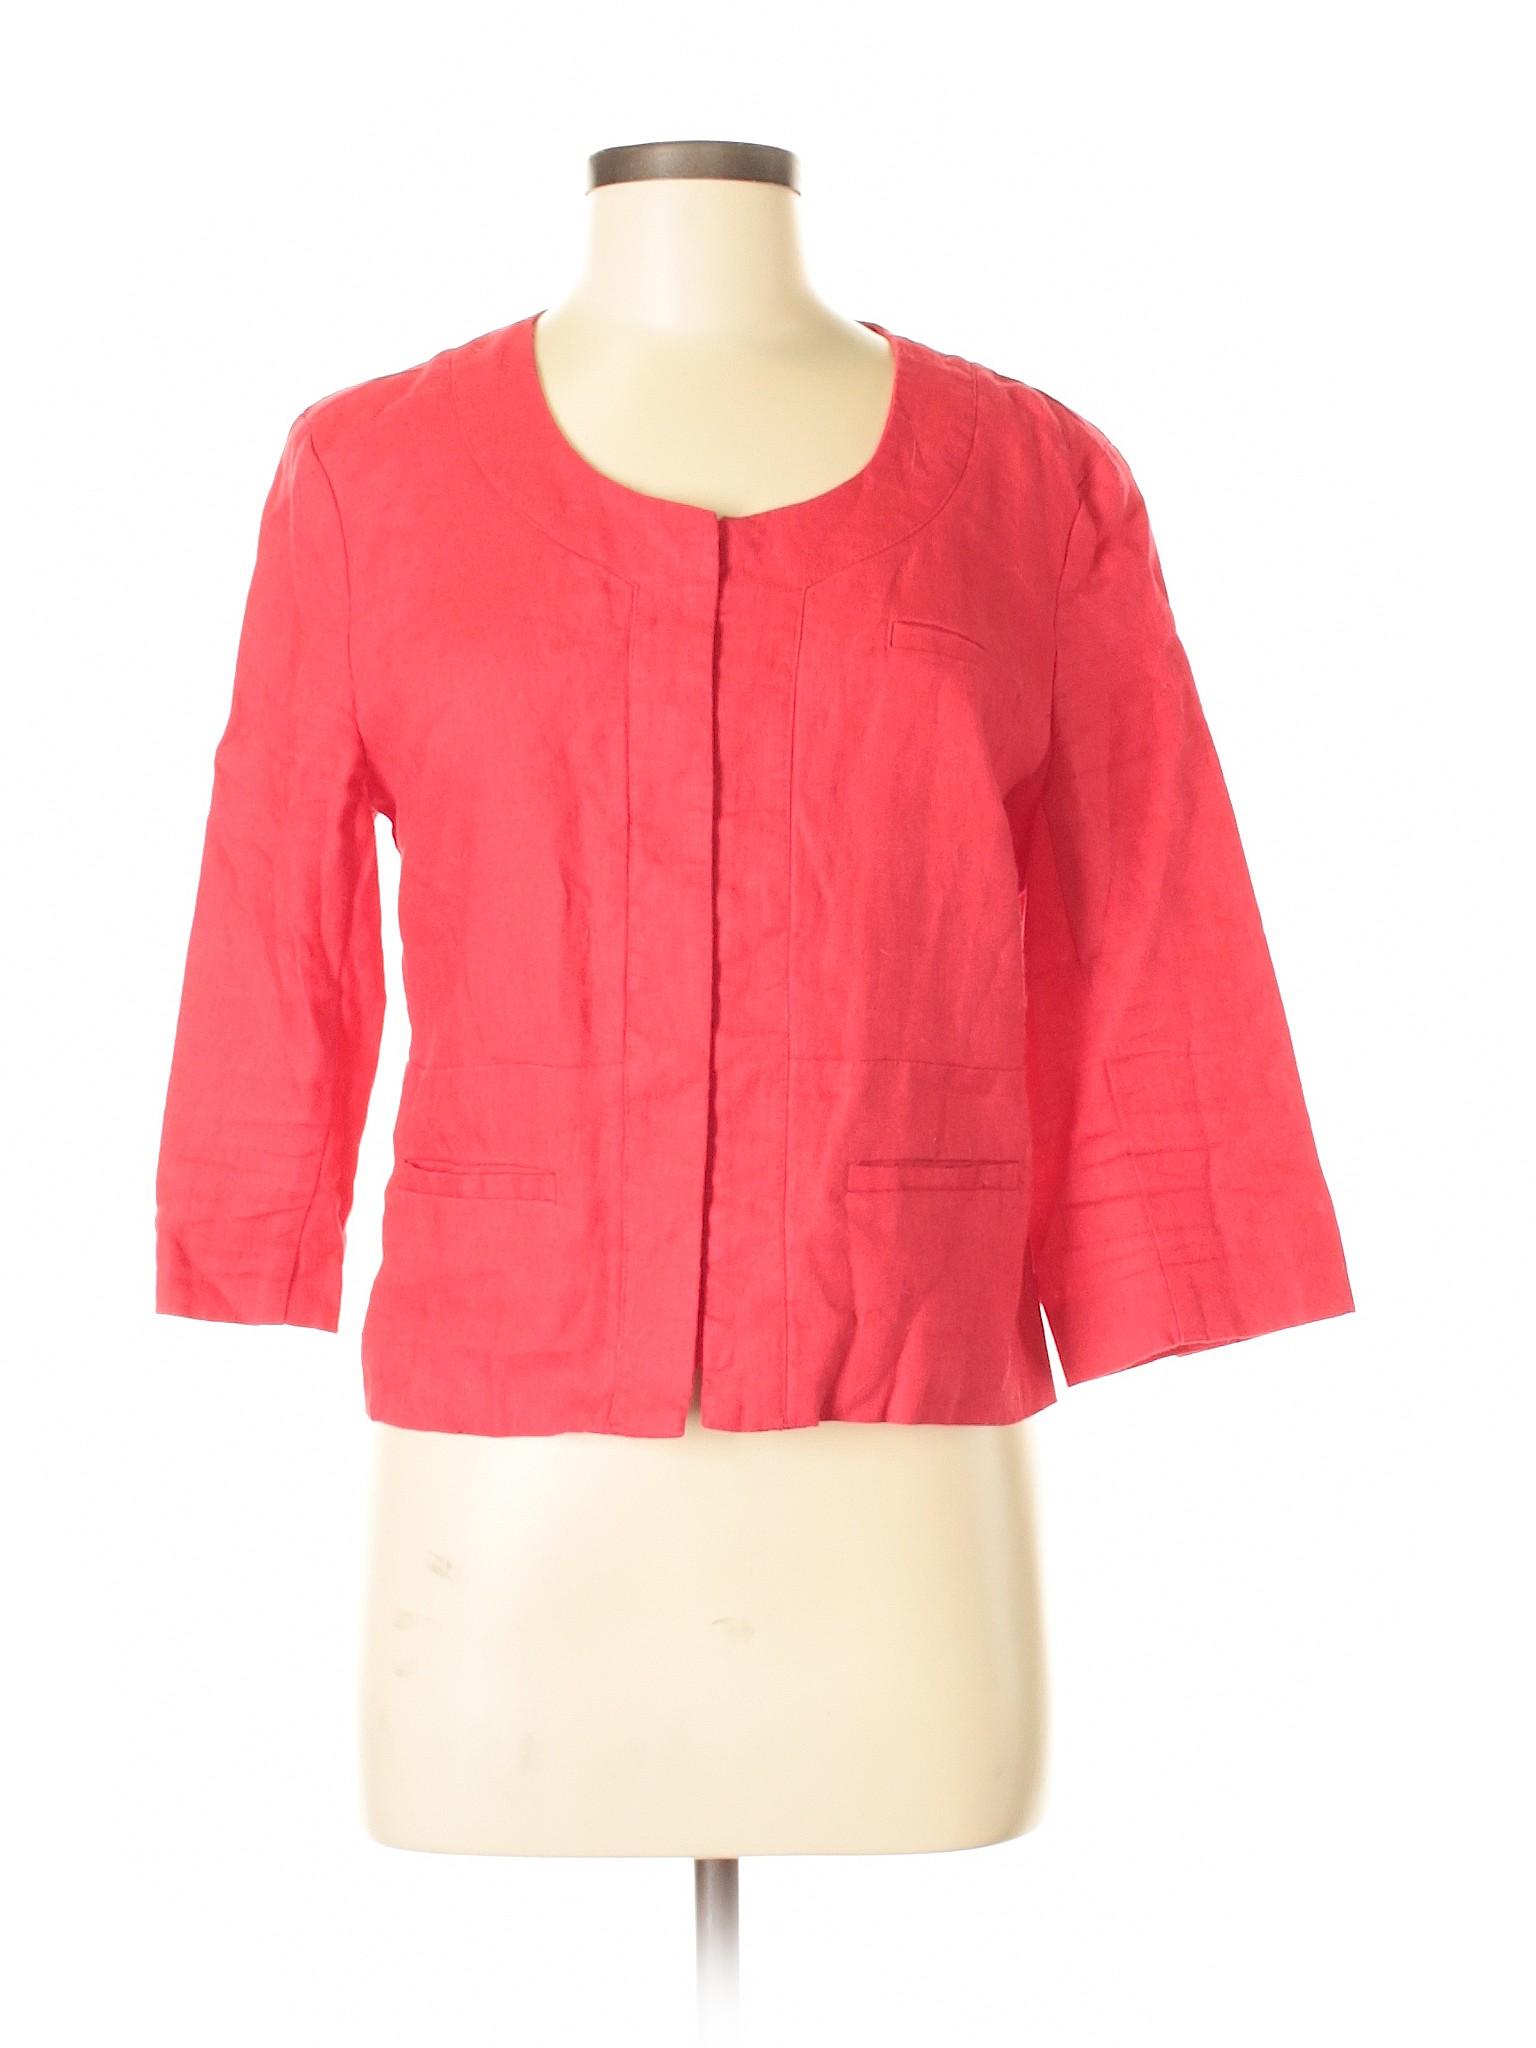 Boutique Boutique Boutique Jacket Jacket winter winter Merona Merona 7ZTAqwxBS